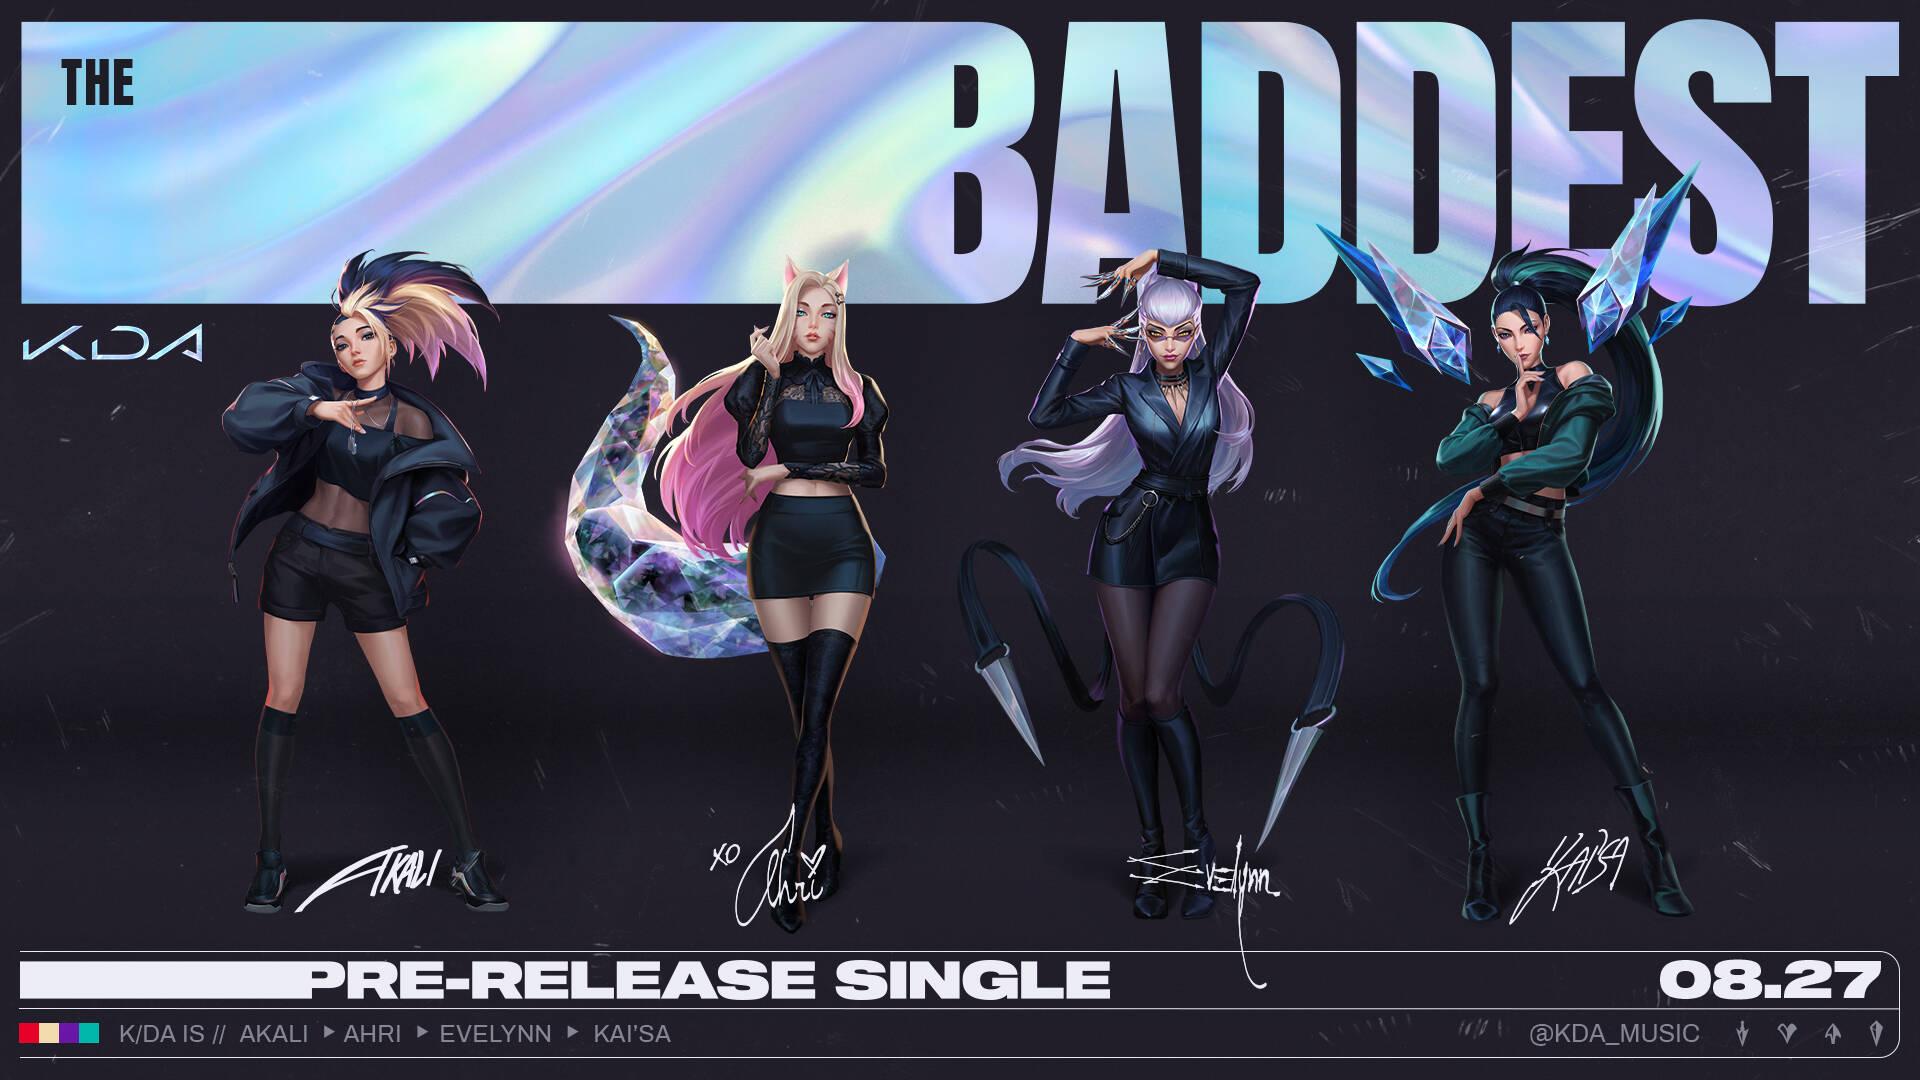 League of Legends LoL K/DA The Baddest cover